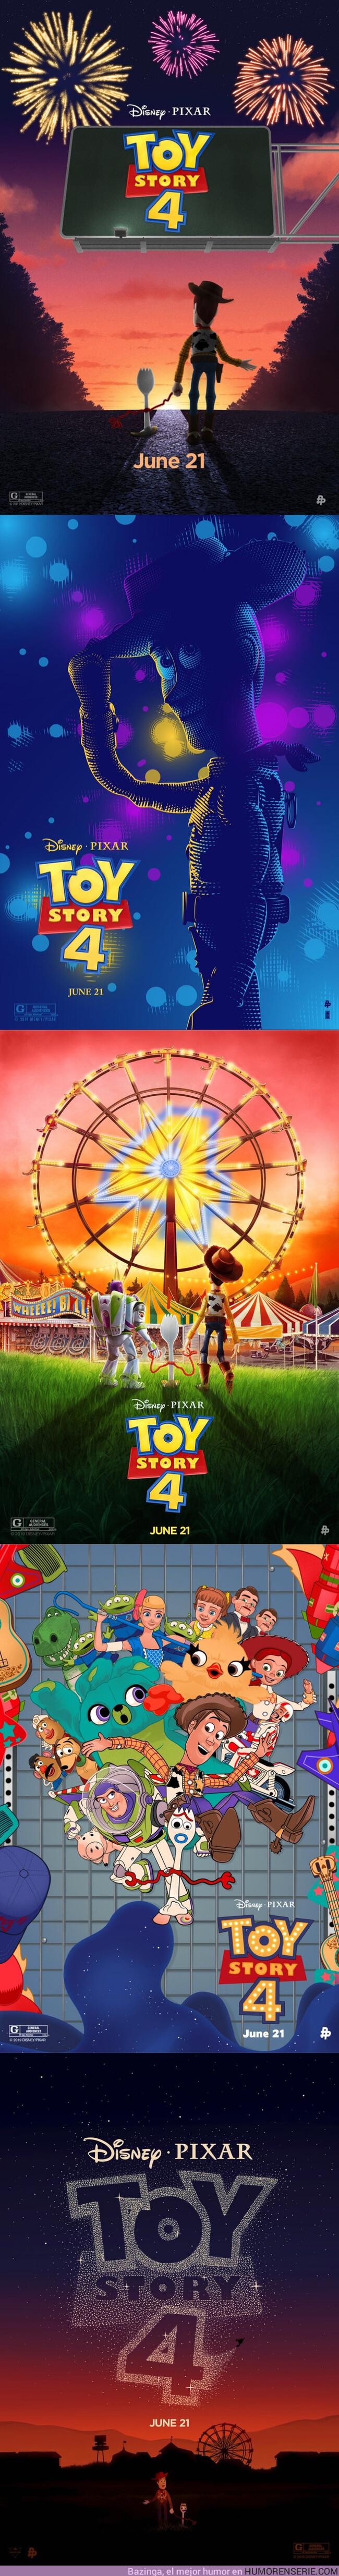 39041 - GALERÍA: Pósters inspirados en Toy Story 4. Lo más bonito que verás hoy